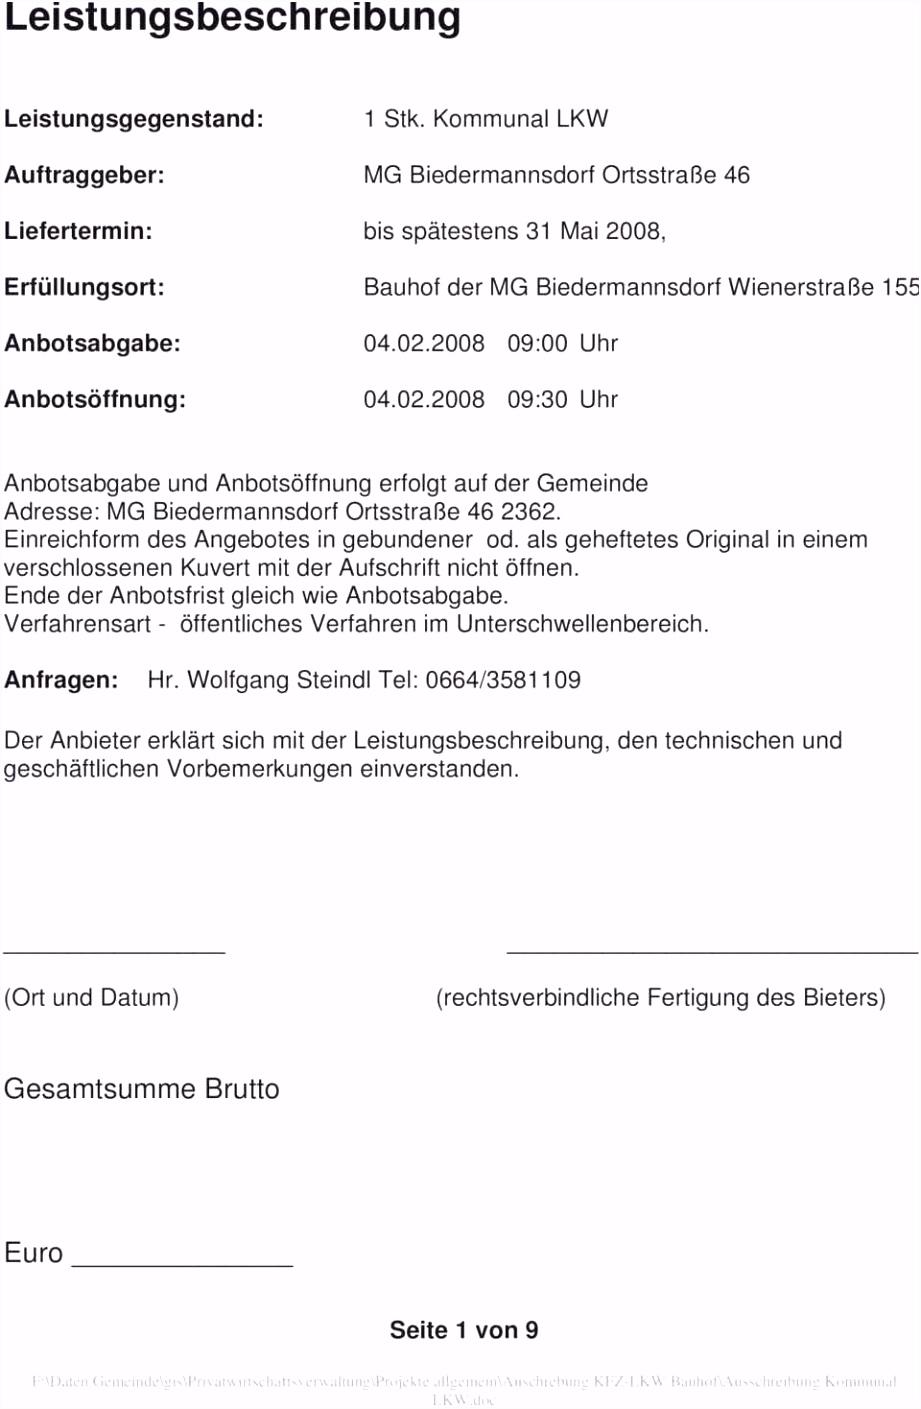 Leistungsverzeichnis Vorlage Word Werkvertrag Muster Frisch Leistungsverzeichnis Muster Vorlage Muster W7ln16vor3 F6mkm5smru